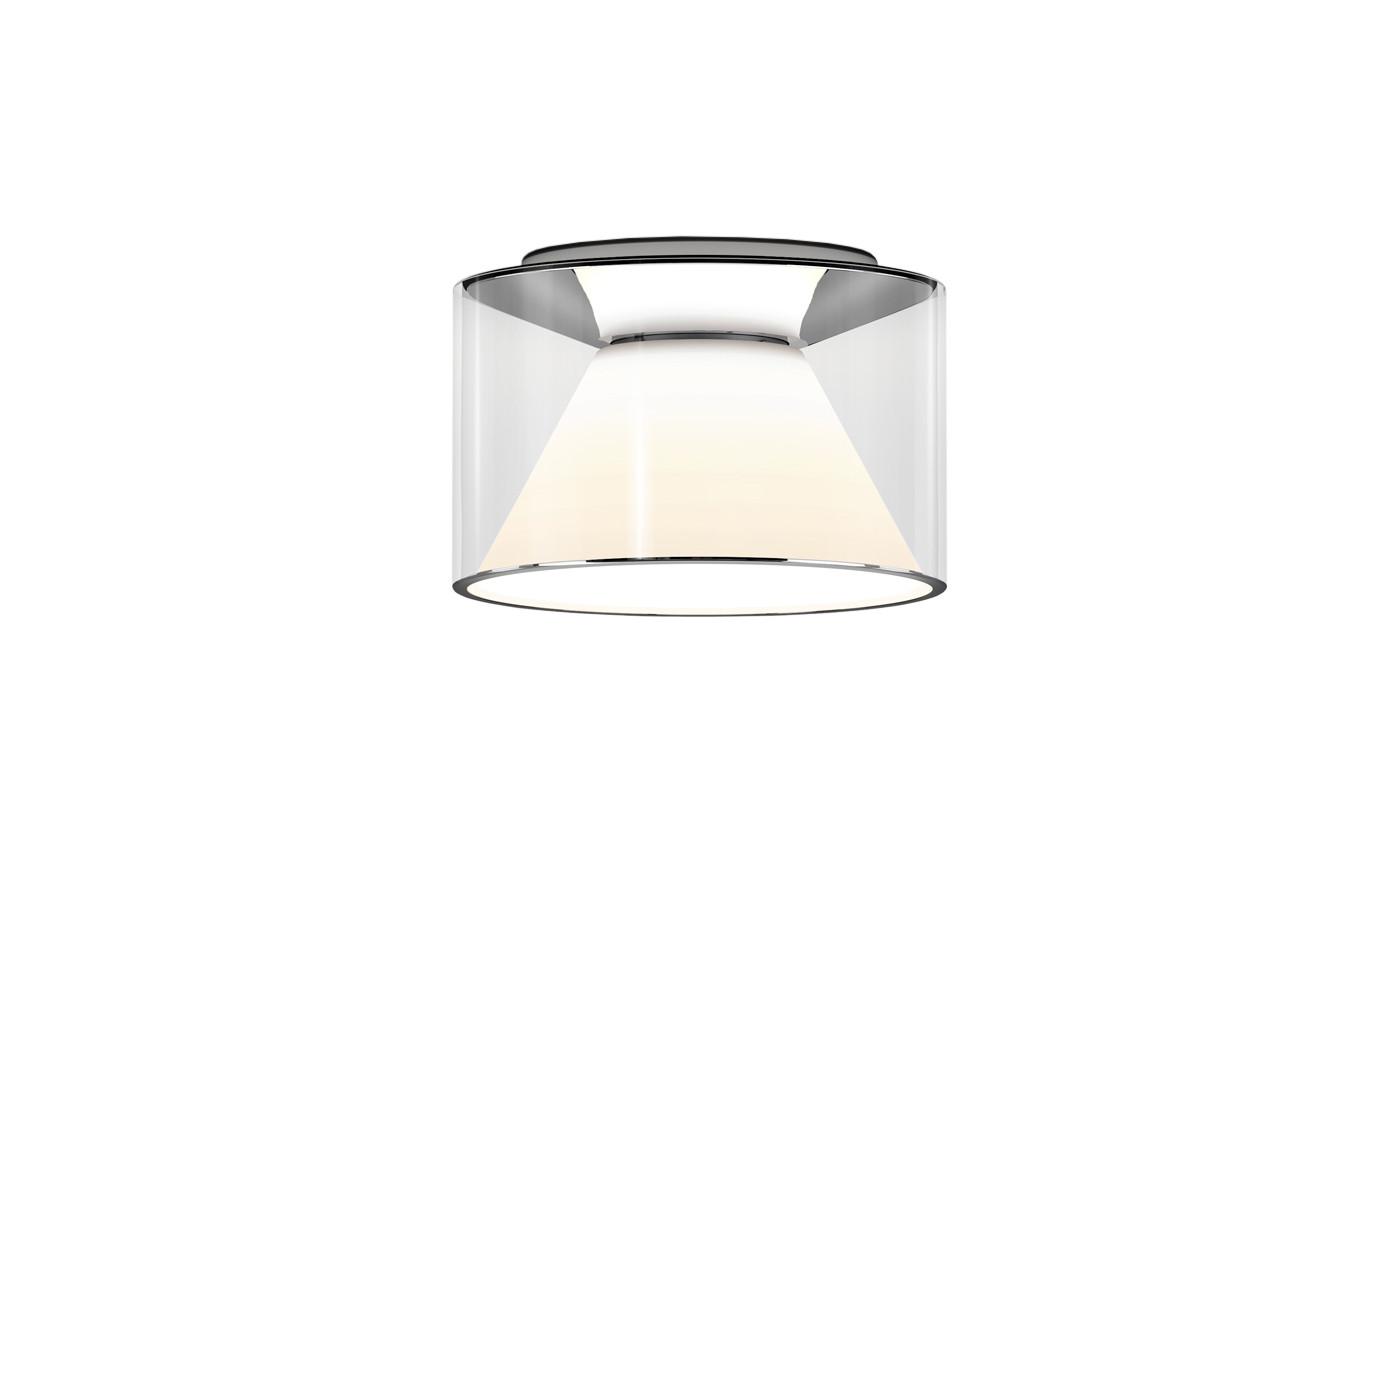 Serien Lighting Drum Ceiling M